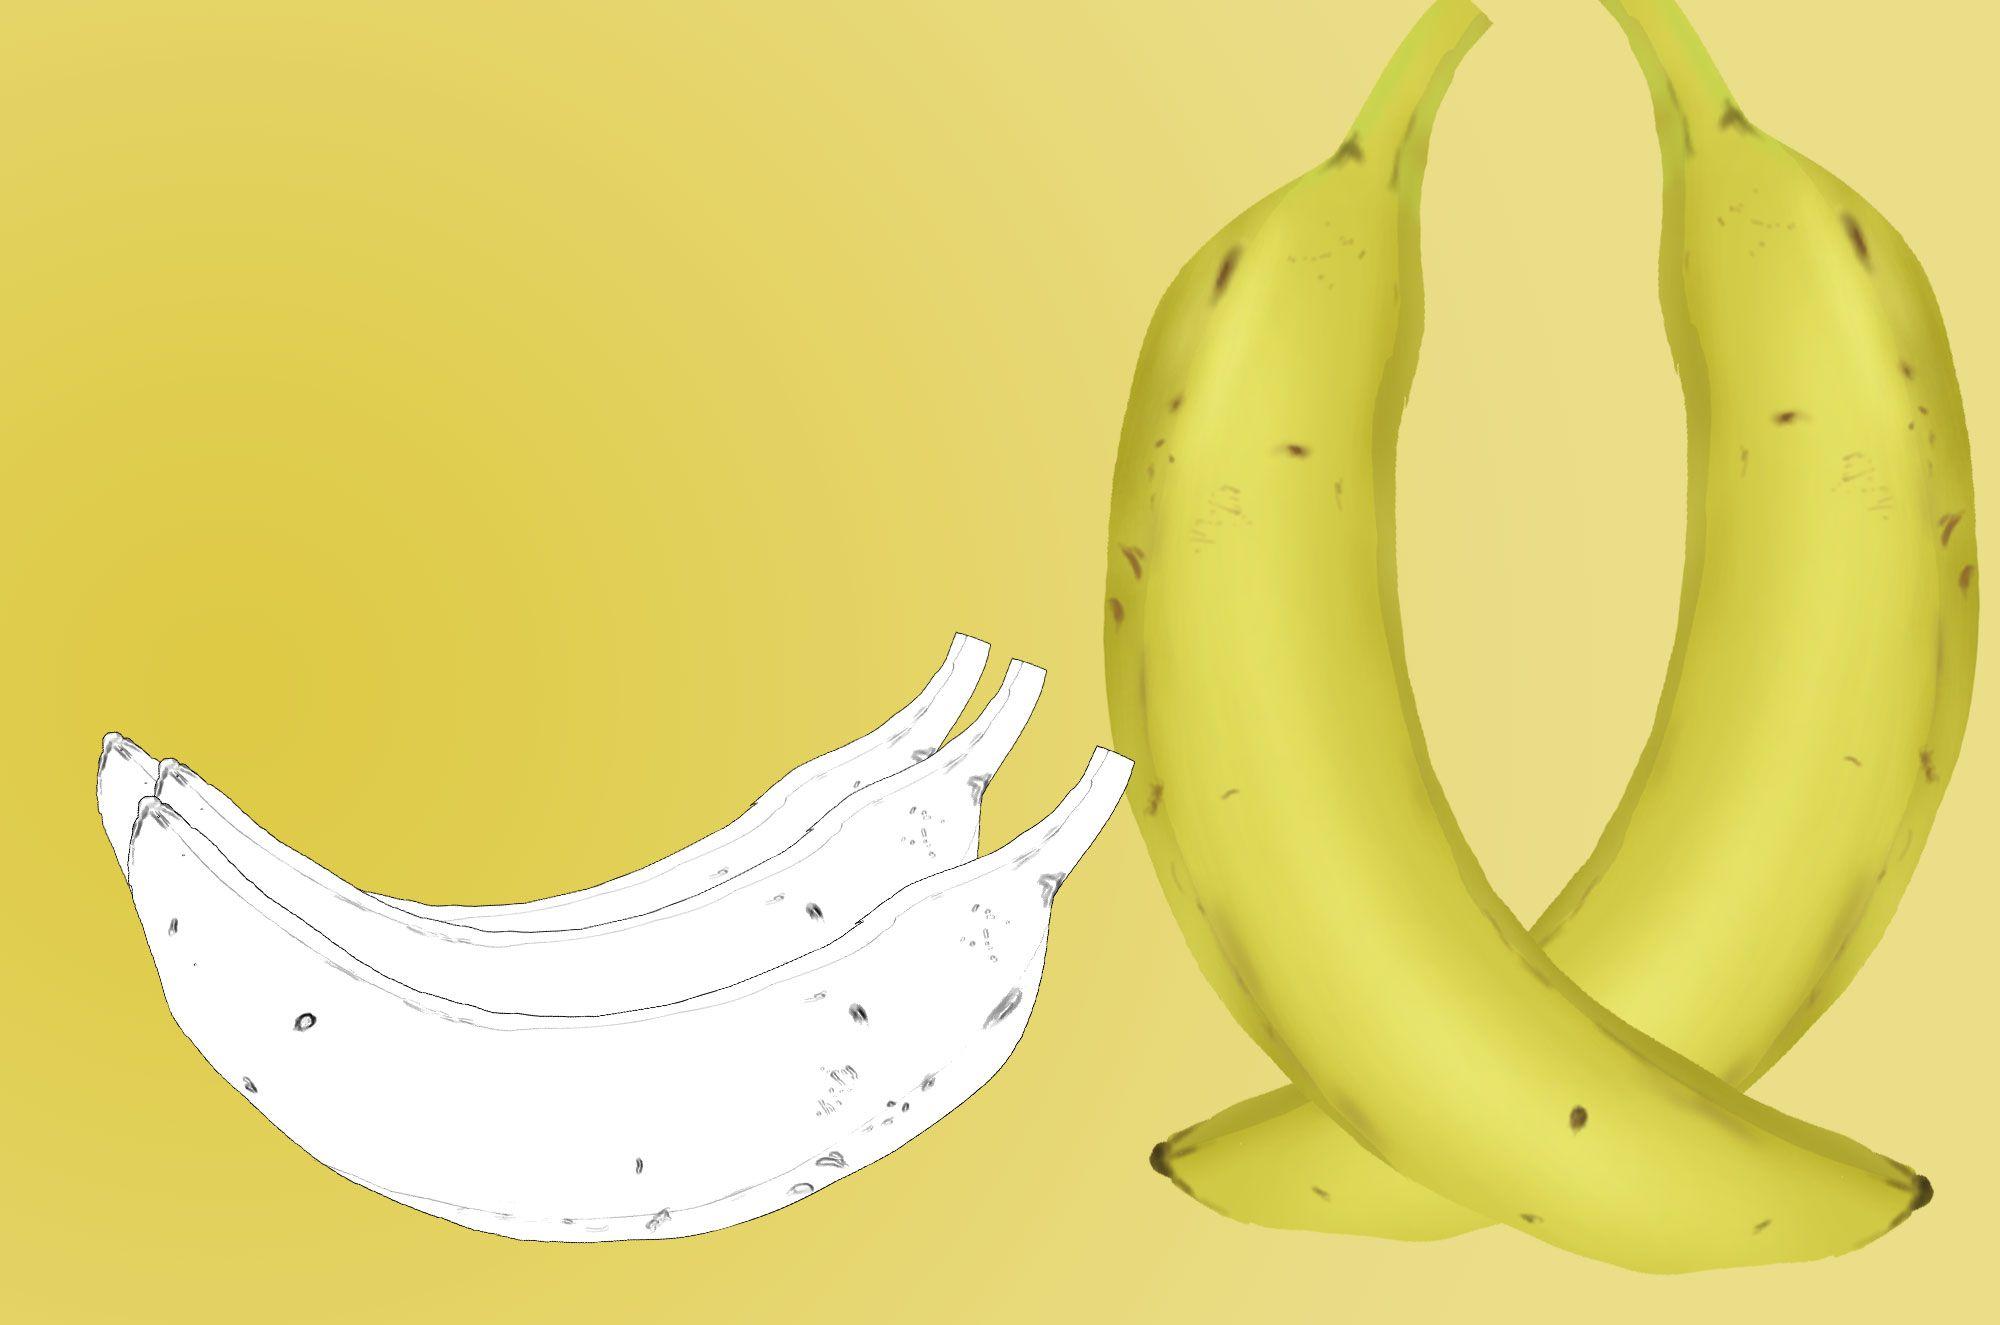 可愛いバナナのイラスト素材集☆もちろん全て無料でご利用できる果物